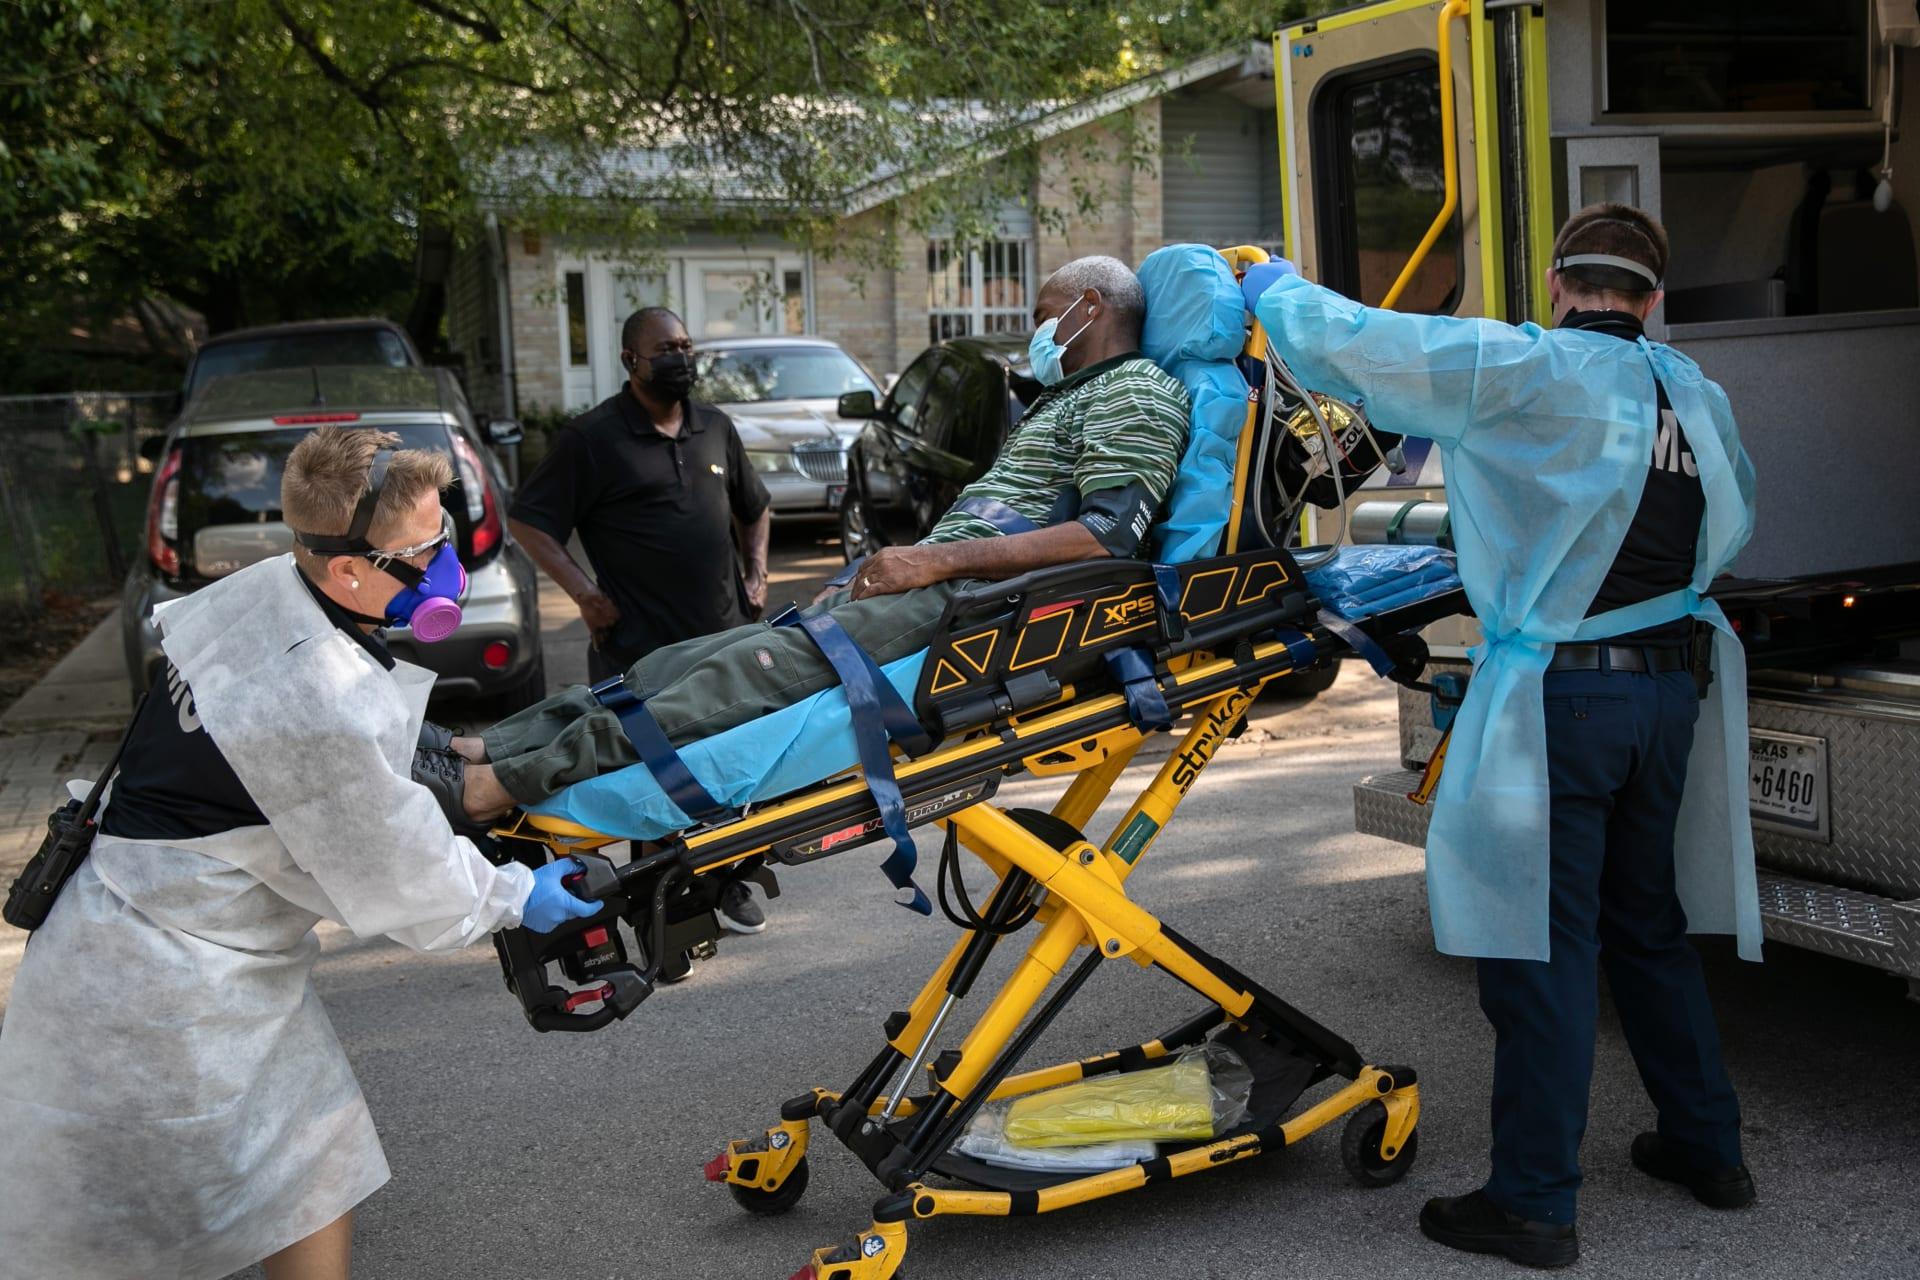 فريق طبي ينقل أحد المصابين بفيروس كورونا في إحدى مستشفيات ولاية تكساس الأمريكية